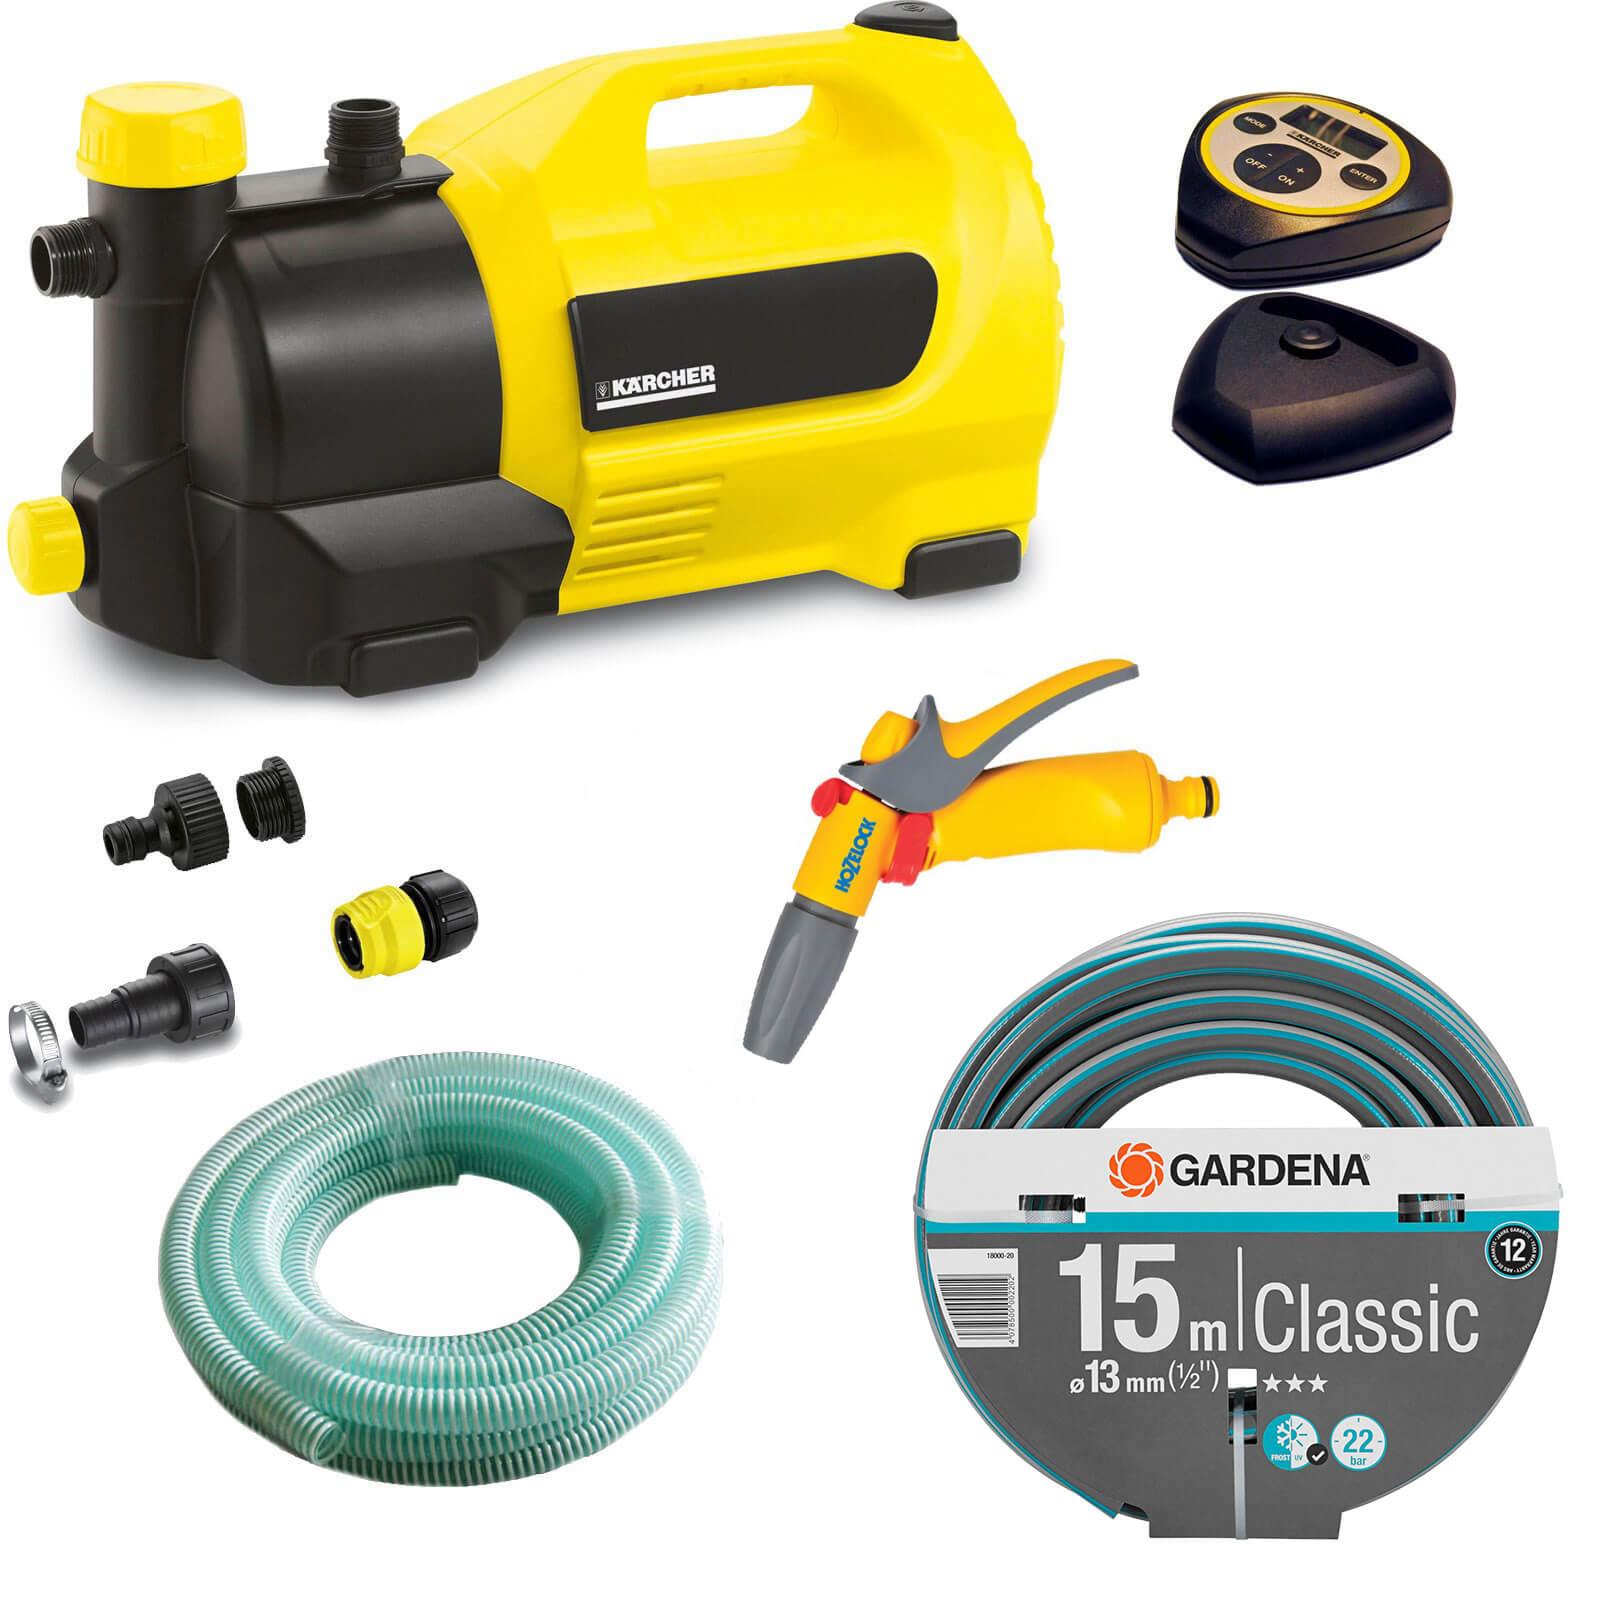 Karcher GP 50 MC Surface Water Pump with Garden Hose & Water Spray Gun Kit 240v